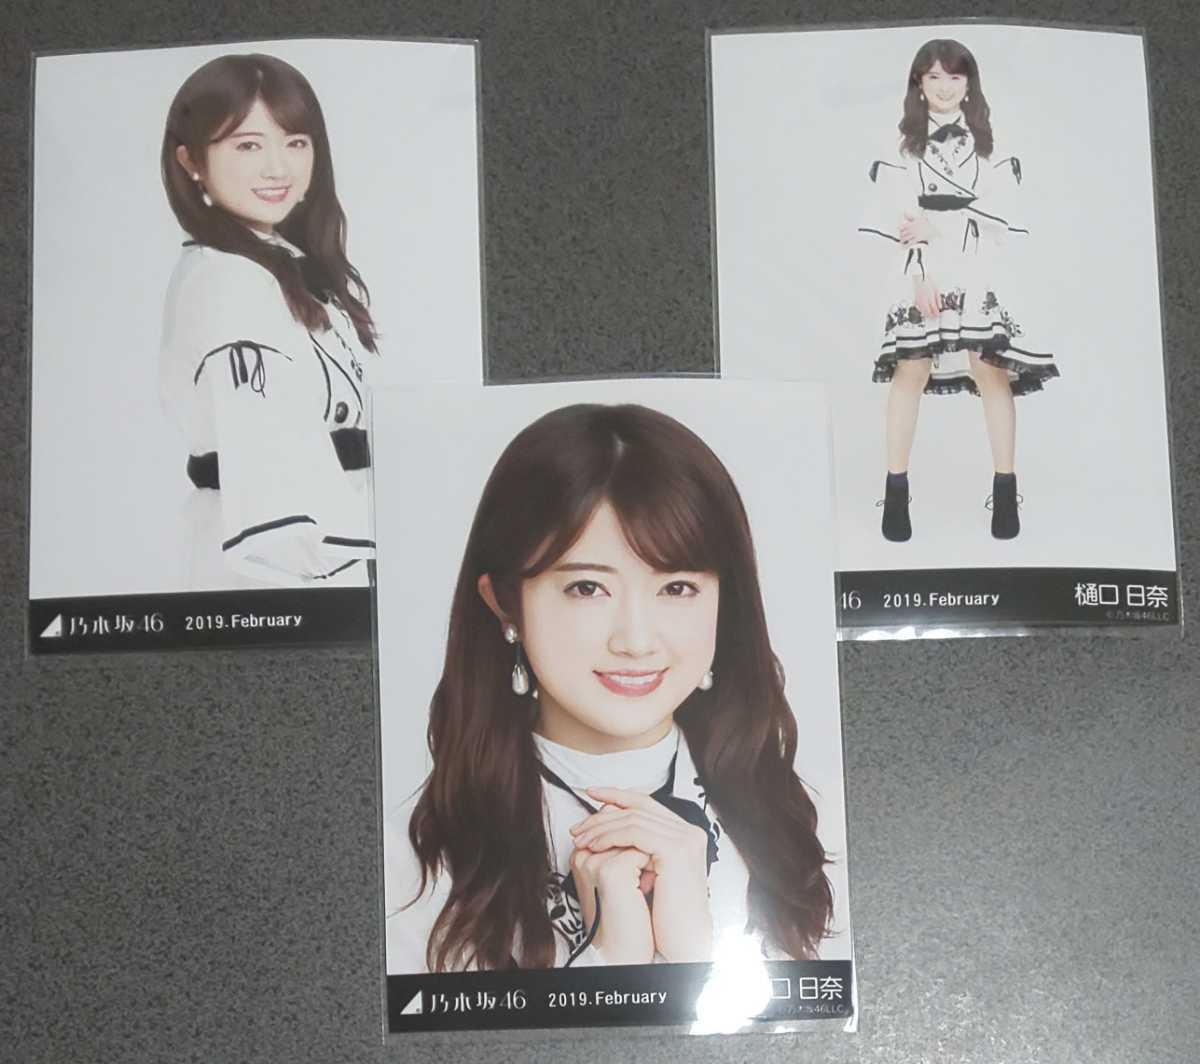 乃木坂46 樋口日奈 スペシャル衣装15 生写真 3種 2019.February コンプ